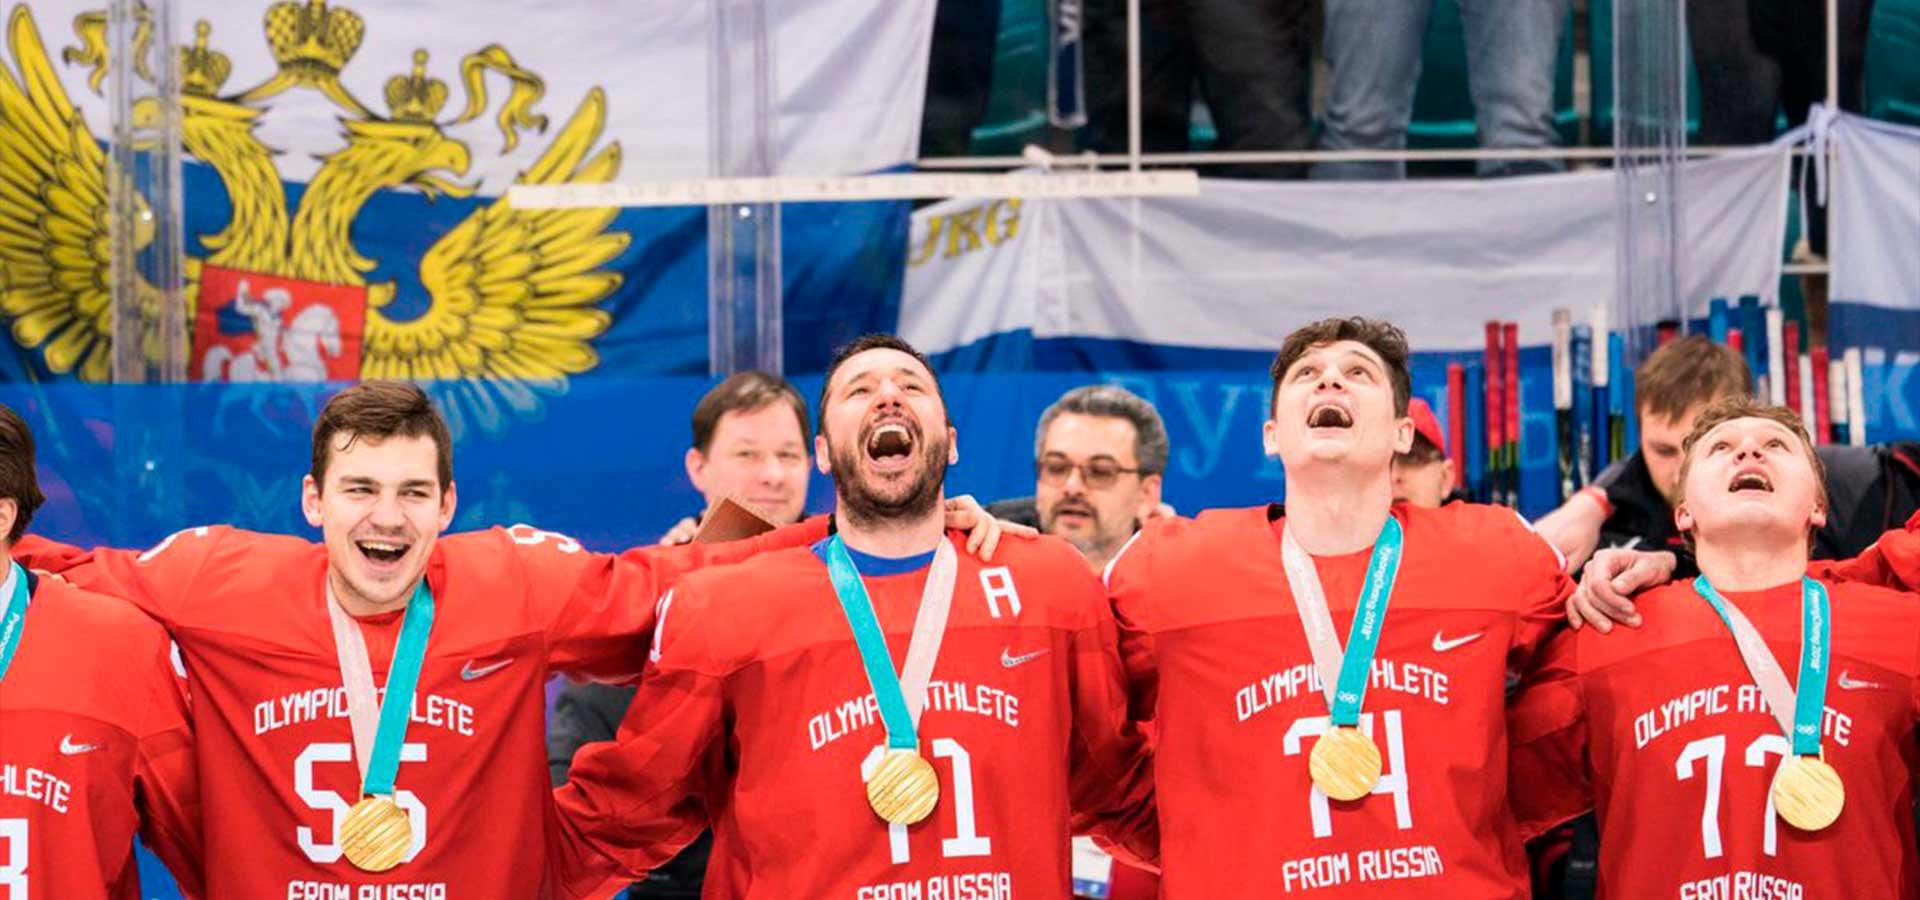 «Катюша» заменит гимн РФ на чемпионате мира-2021 по хоккею